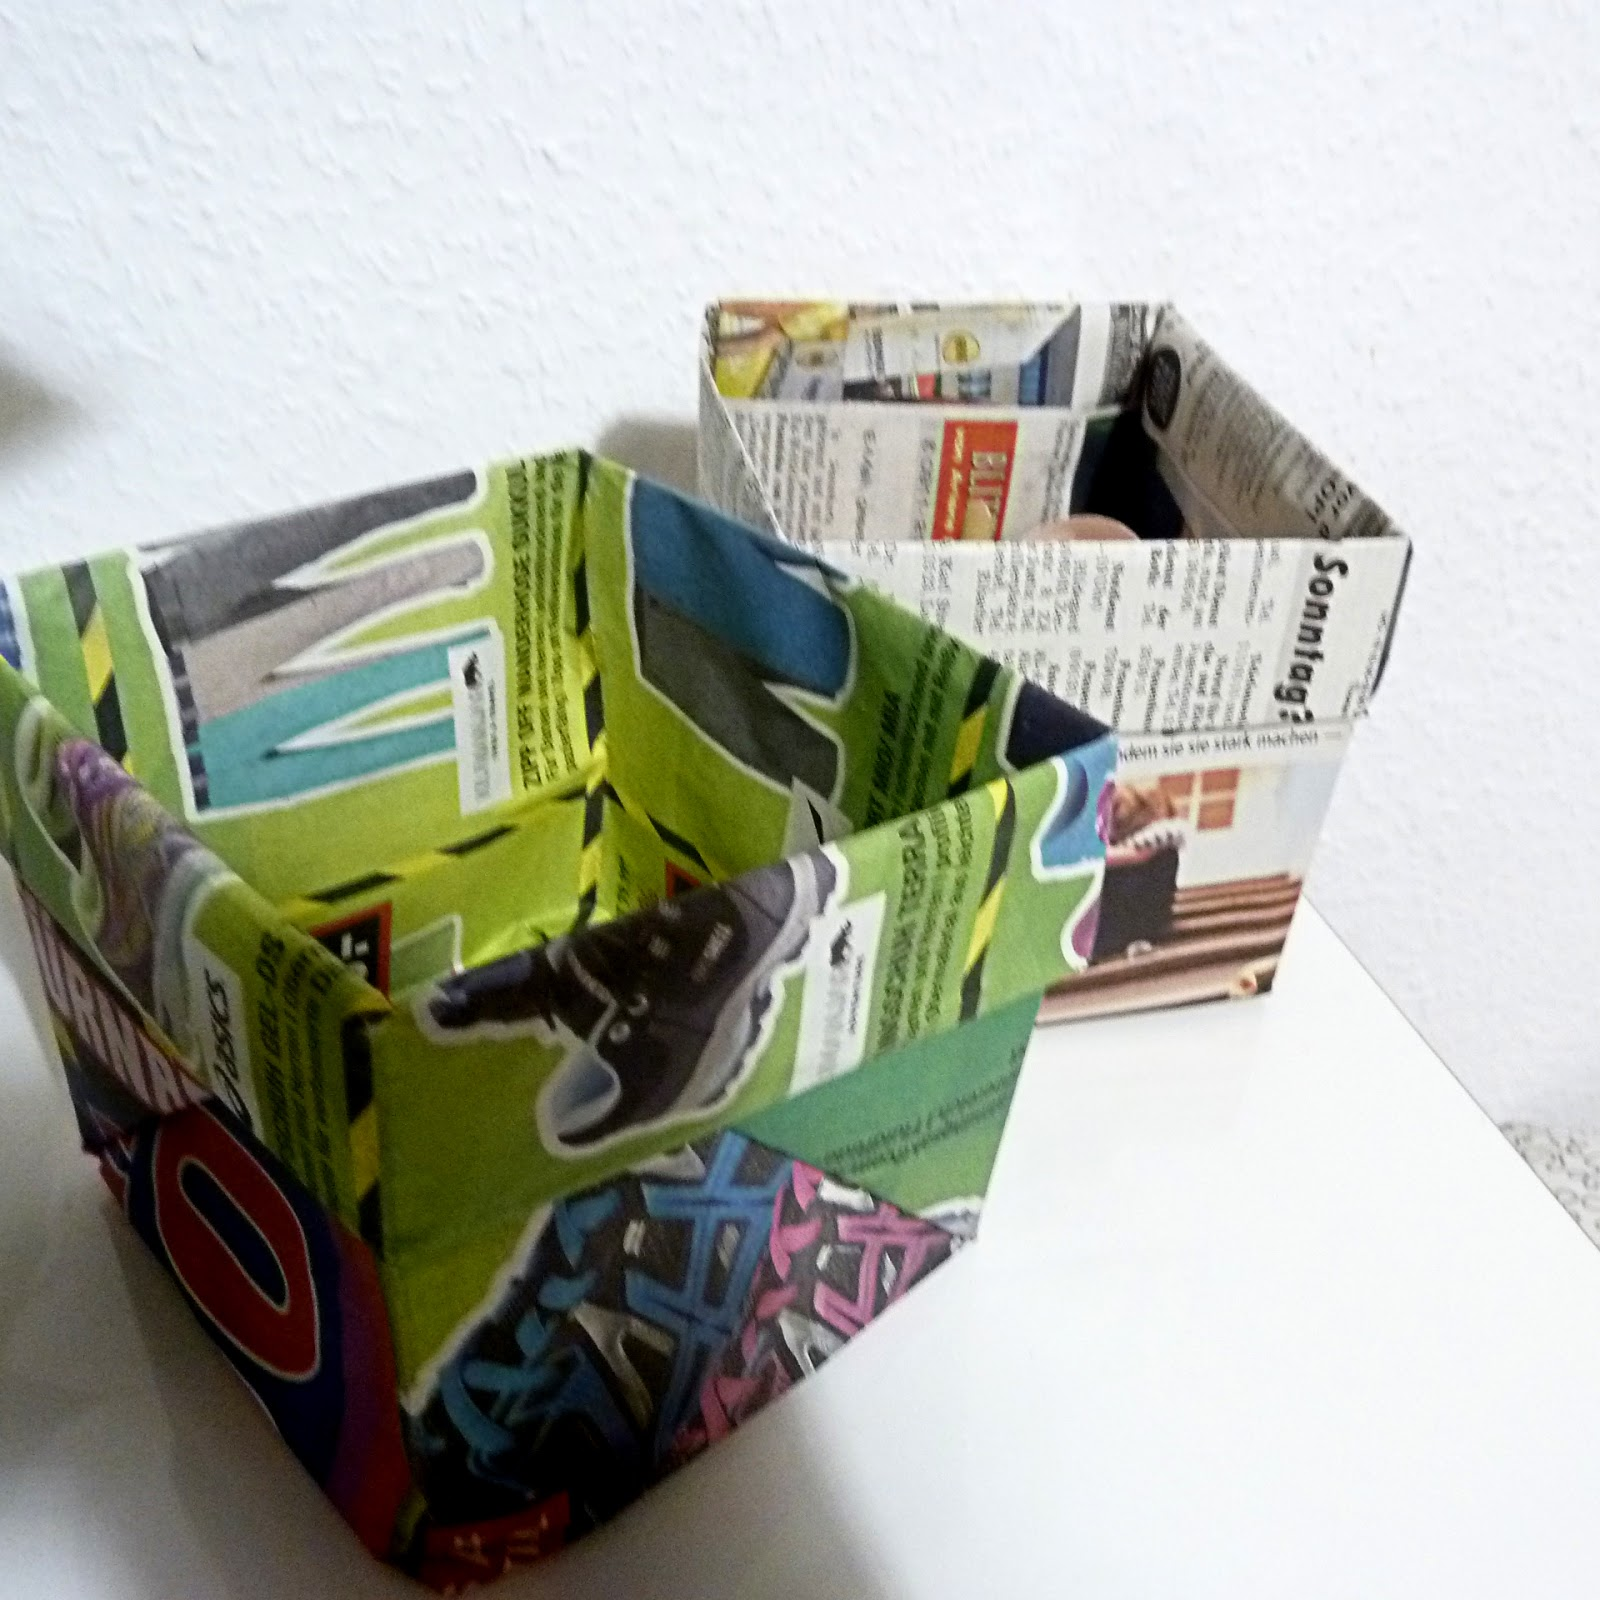 blaubeerland plastikfrei teil 1 recycelter bioabfalleimer aus zeitung. Black Bedroom Furniture Sets. Home Design Ideas